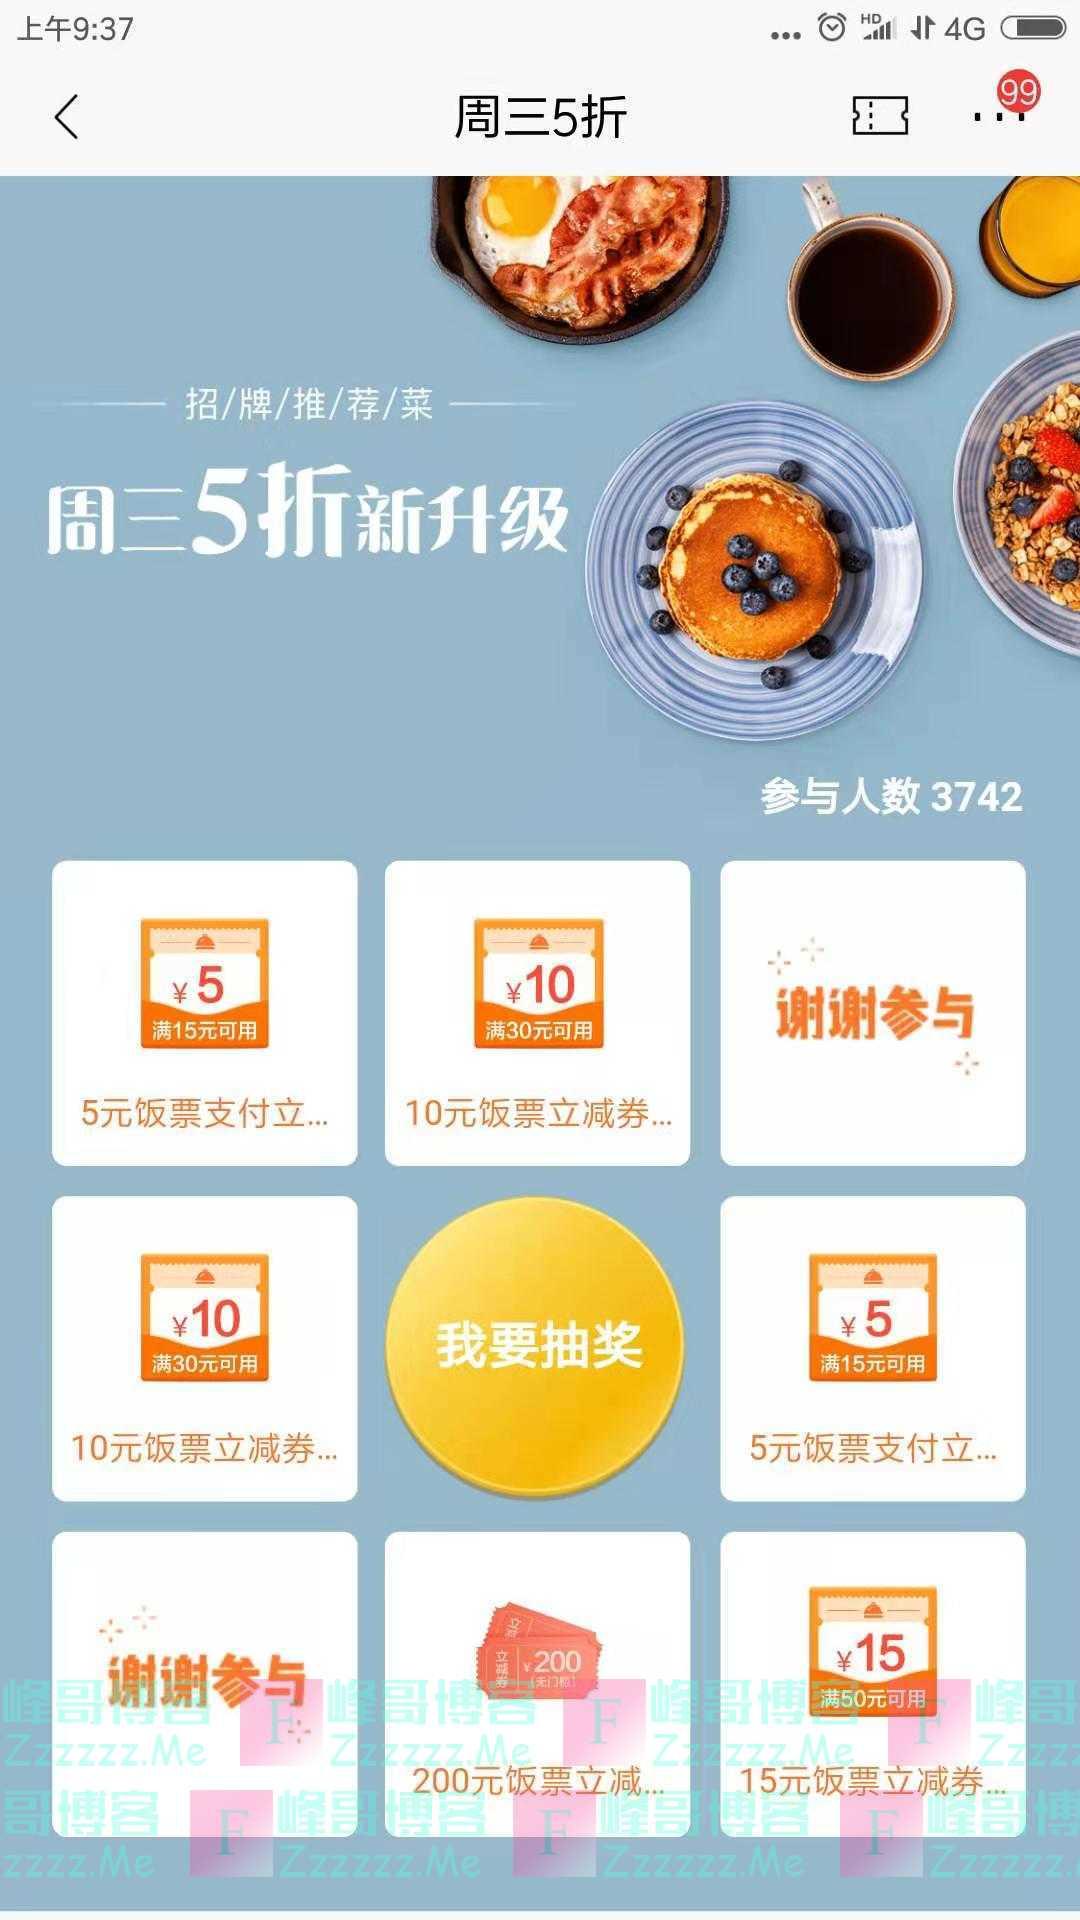 招行周三抽5折饭票(截止11月13日)